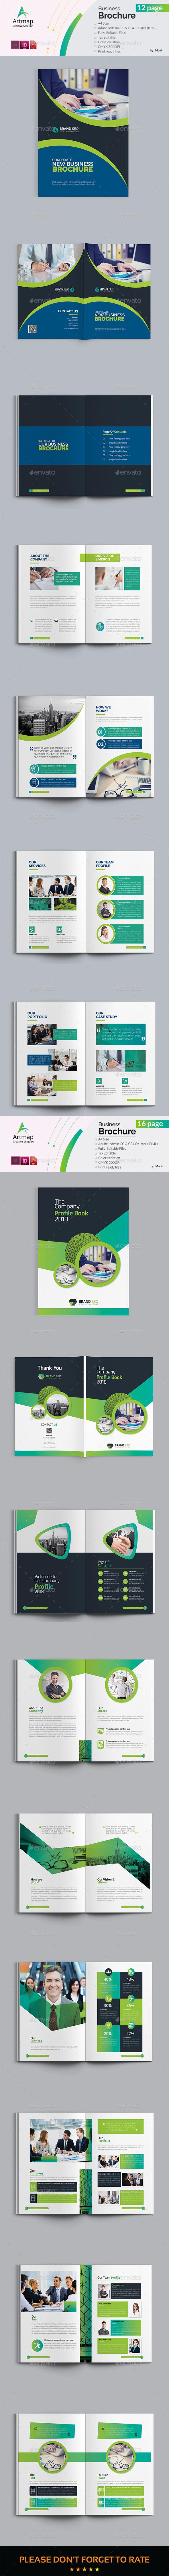 Bundle Brochure 2 in 1 - Brochures Print Templates